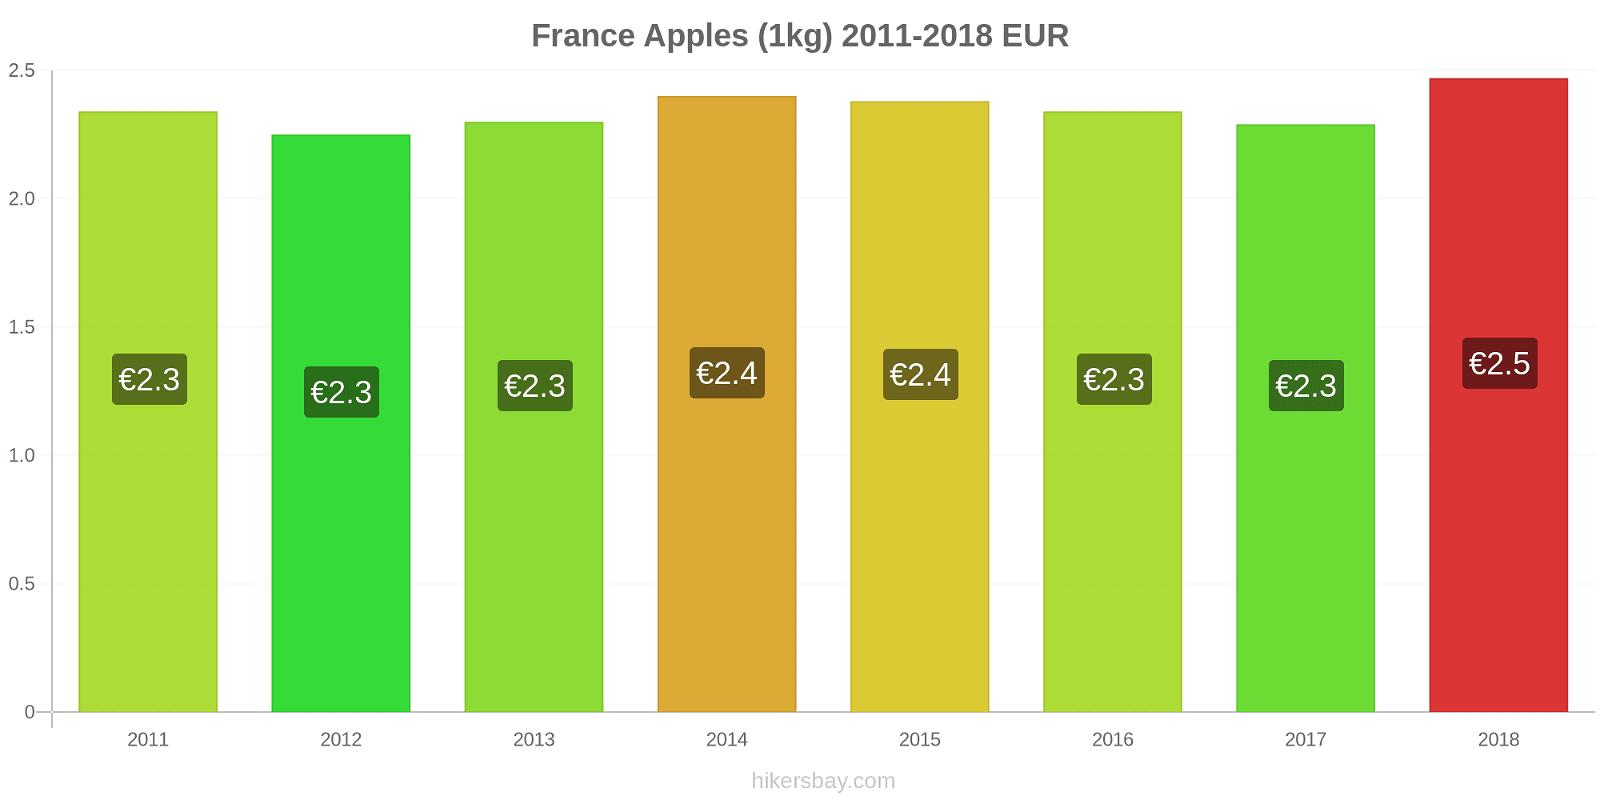 France price changes Apples (1kg) hikersbay.com